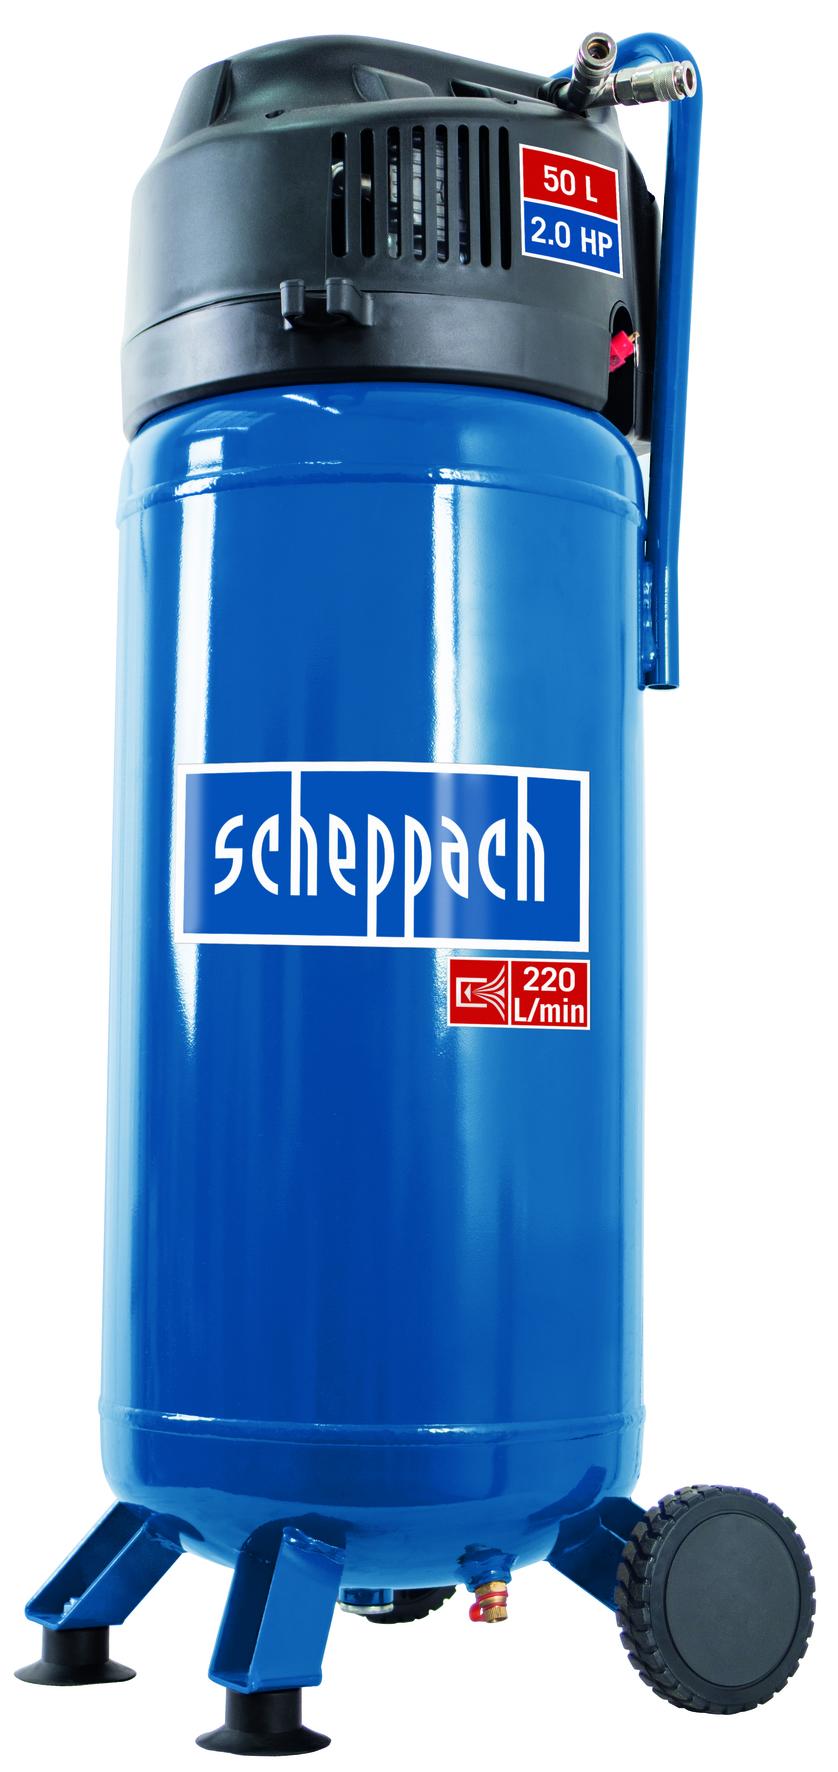 Scheppach HC 51 V olajmentes álló kompresszor (1,5kW, 50l, 10bar)